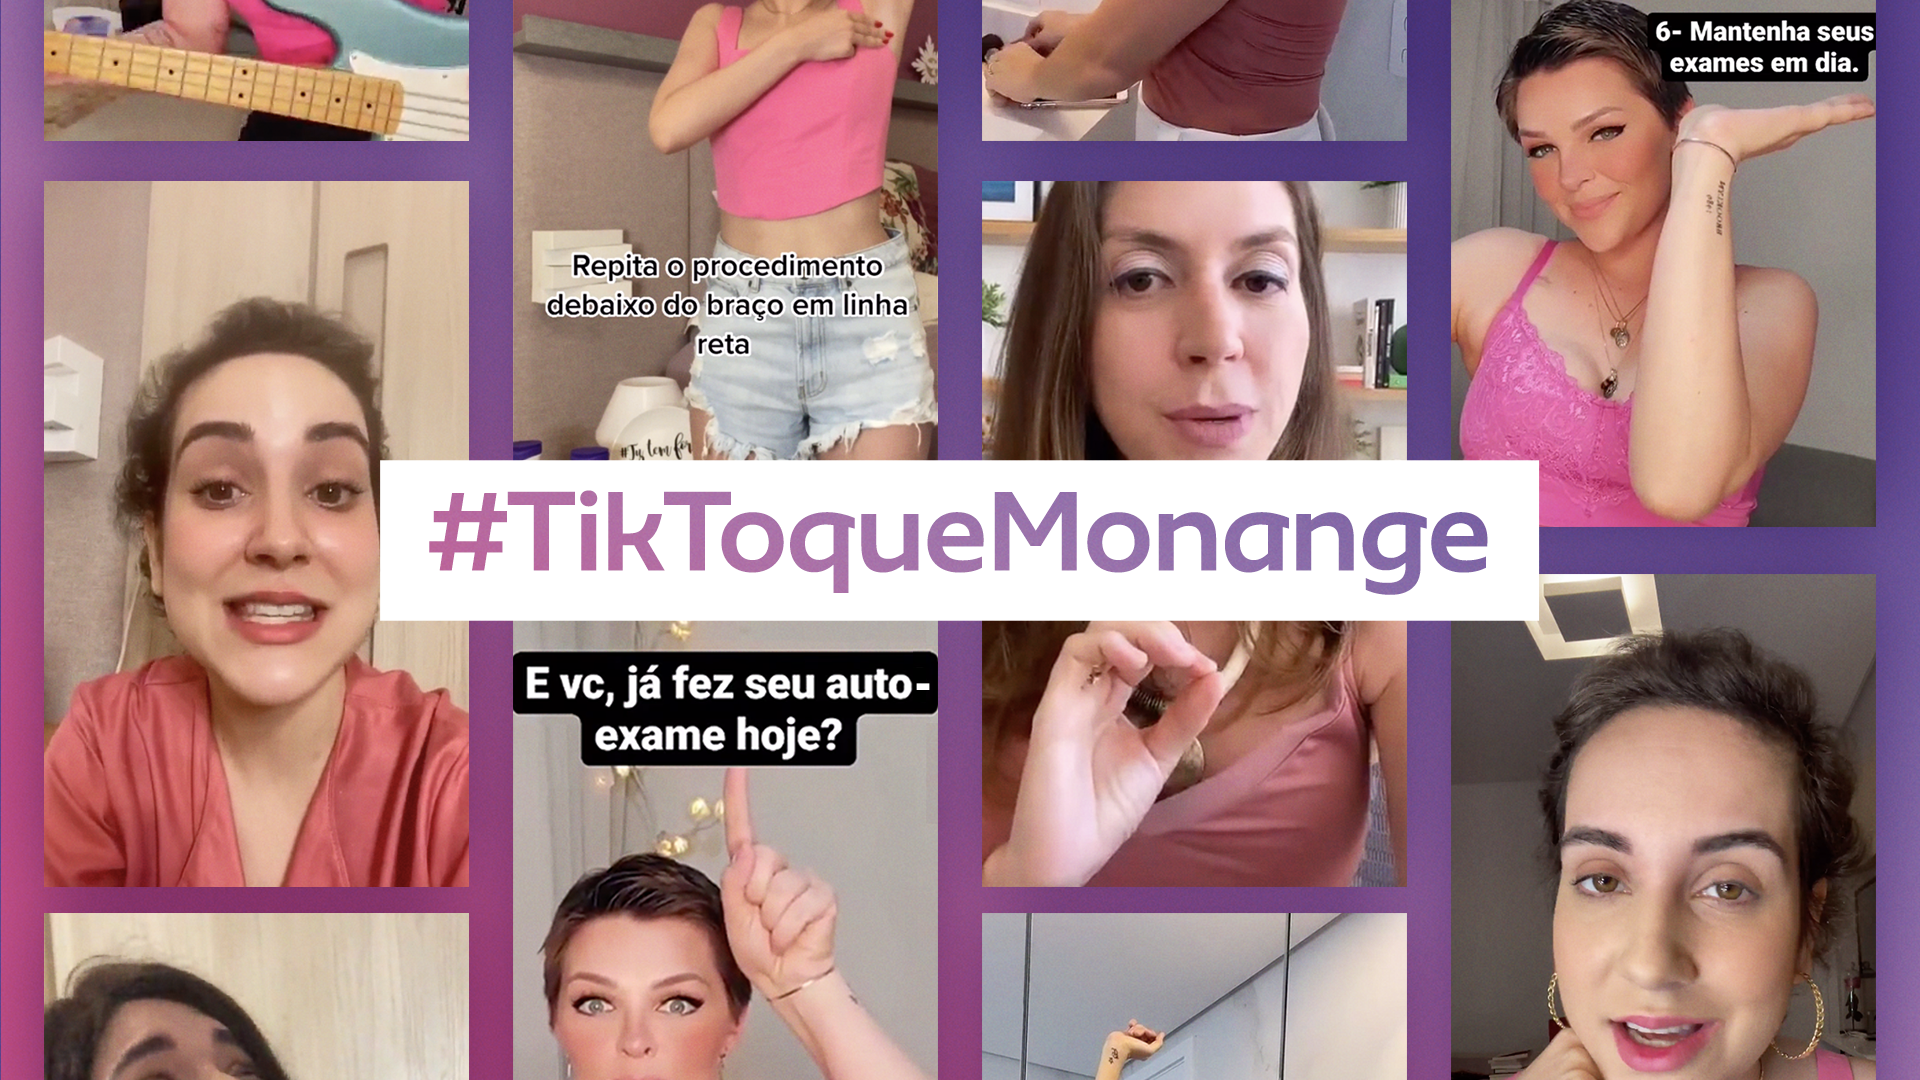 Tik Toque